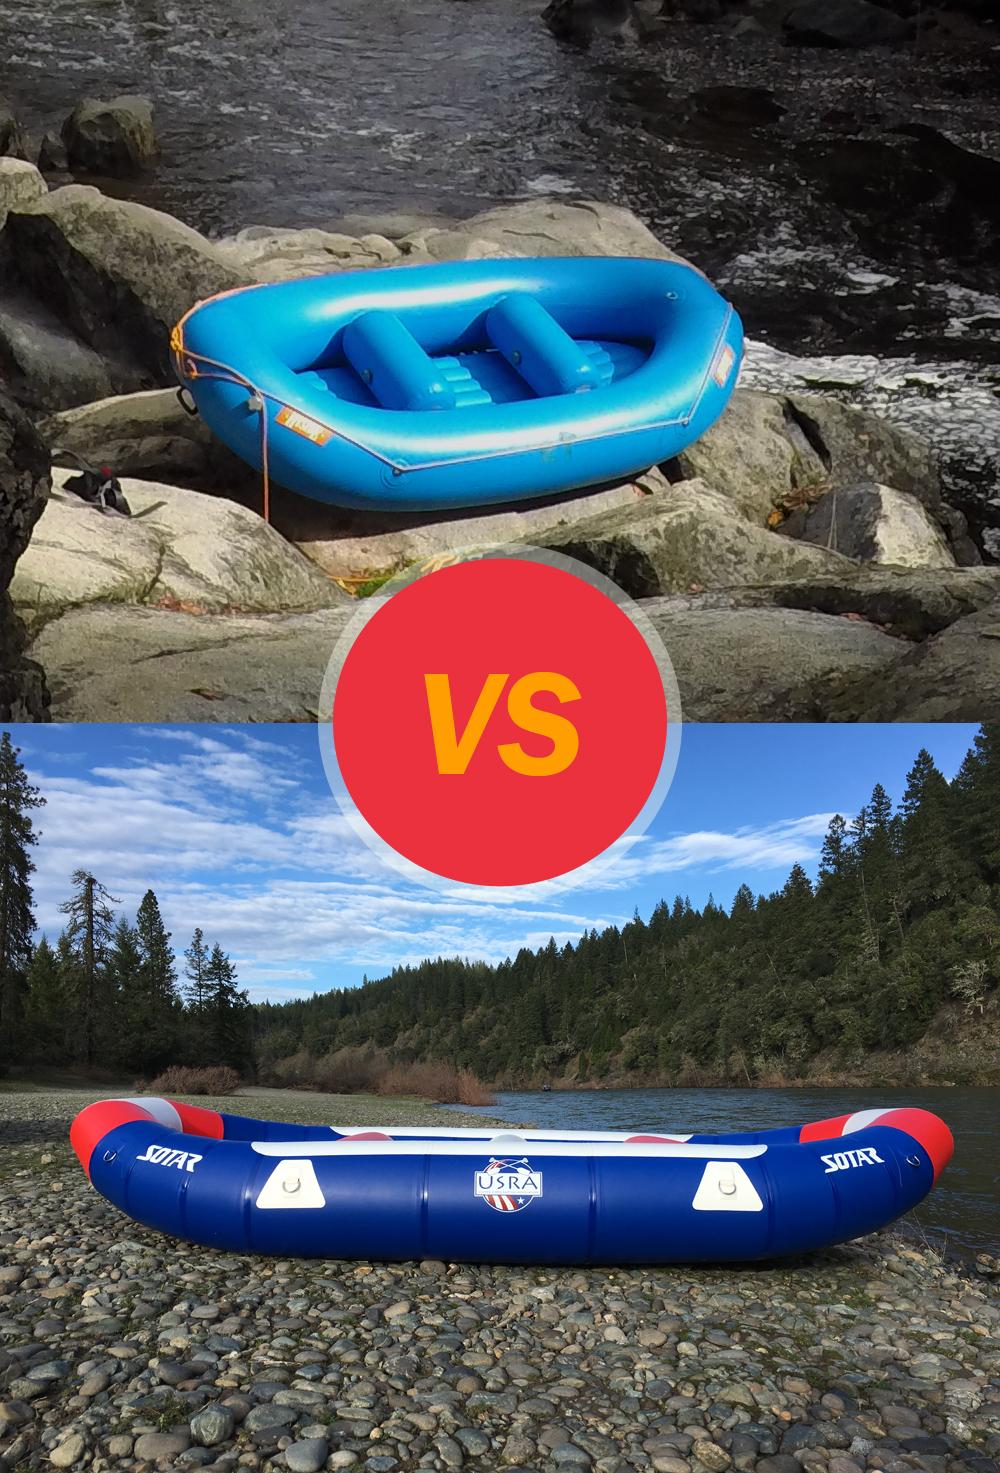 Rubber vs. Plastic Boats